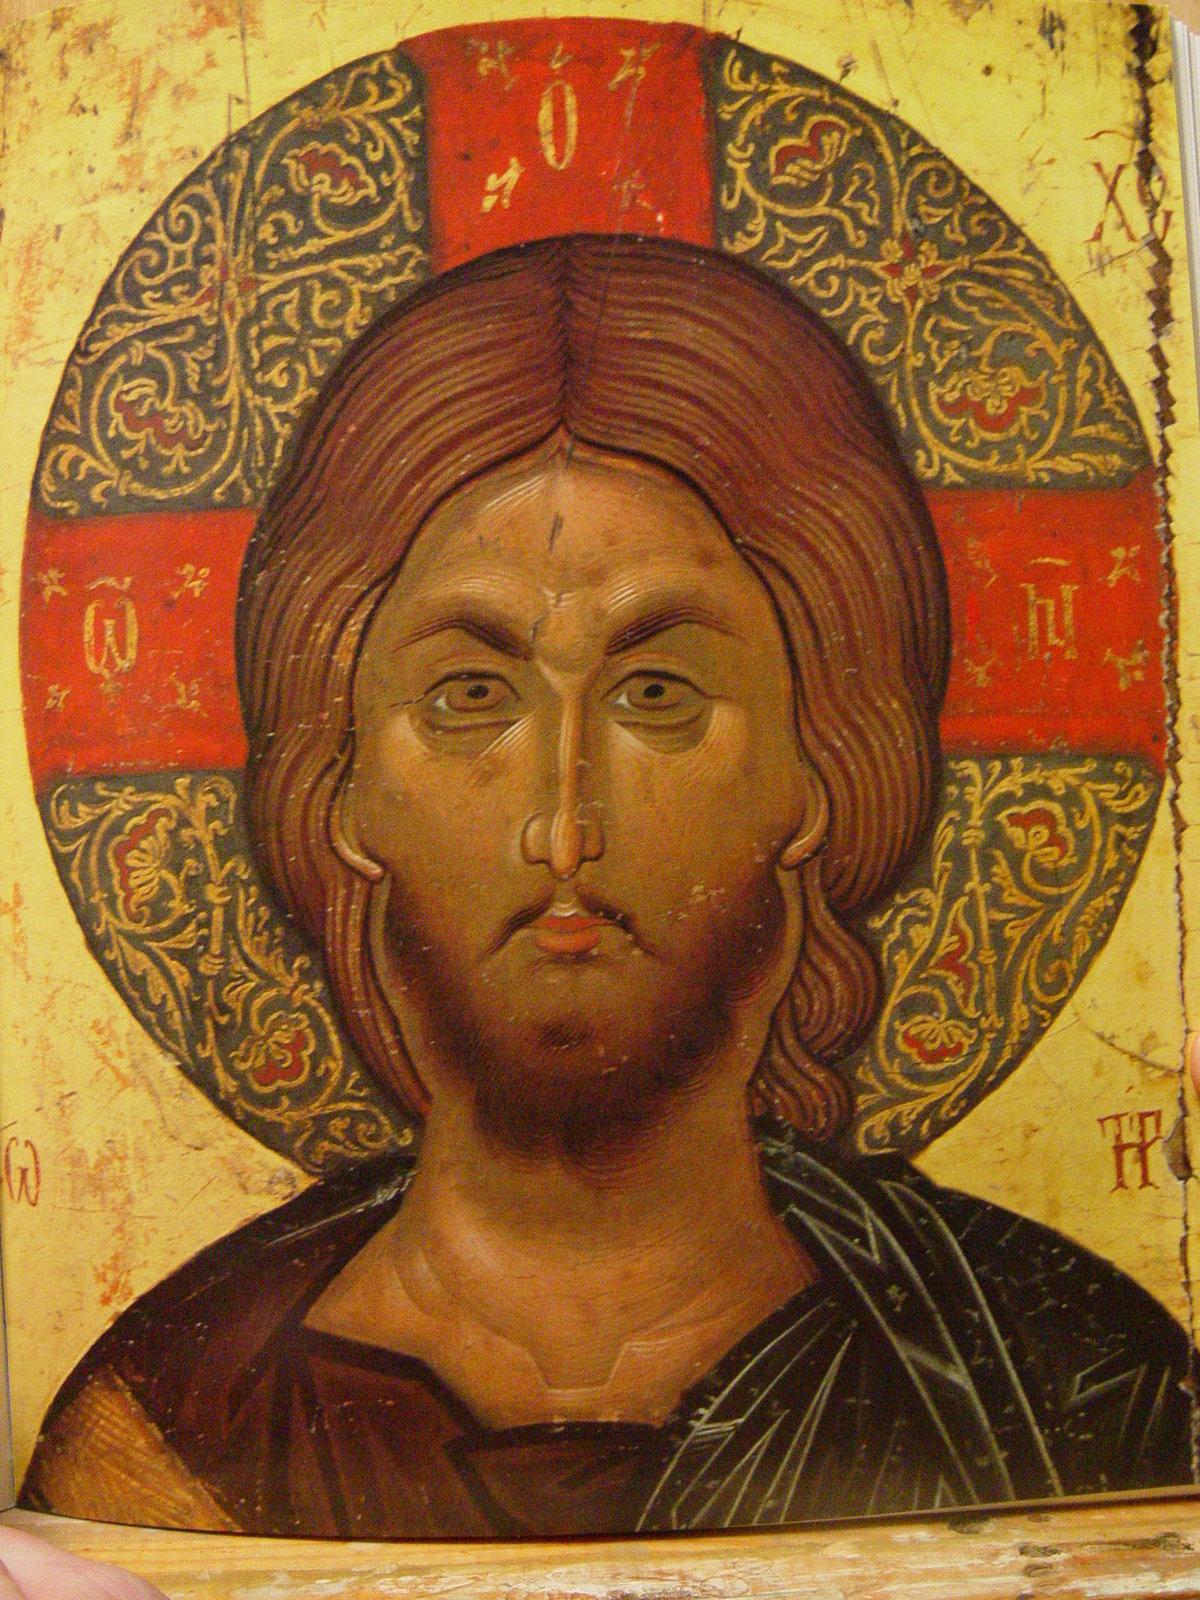 фото византийских икон в хорошем качестве попробовать мне, сапожки